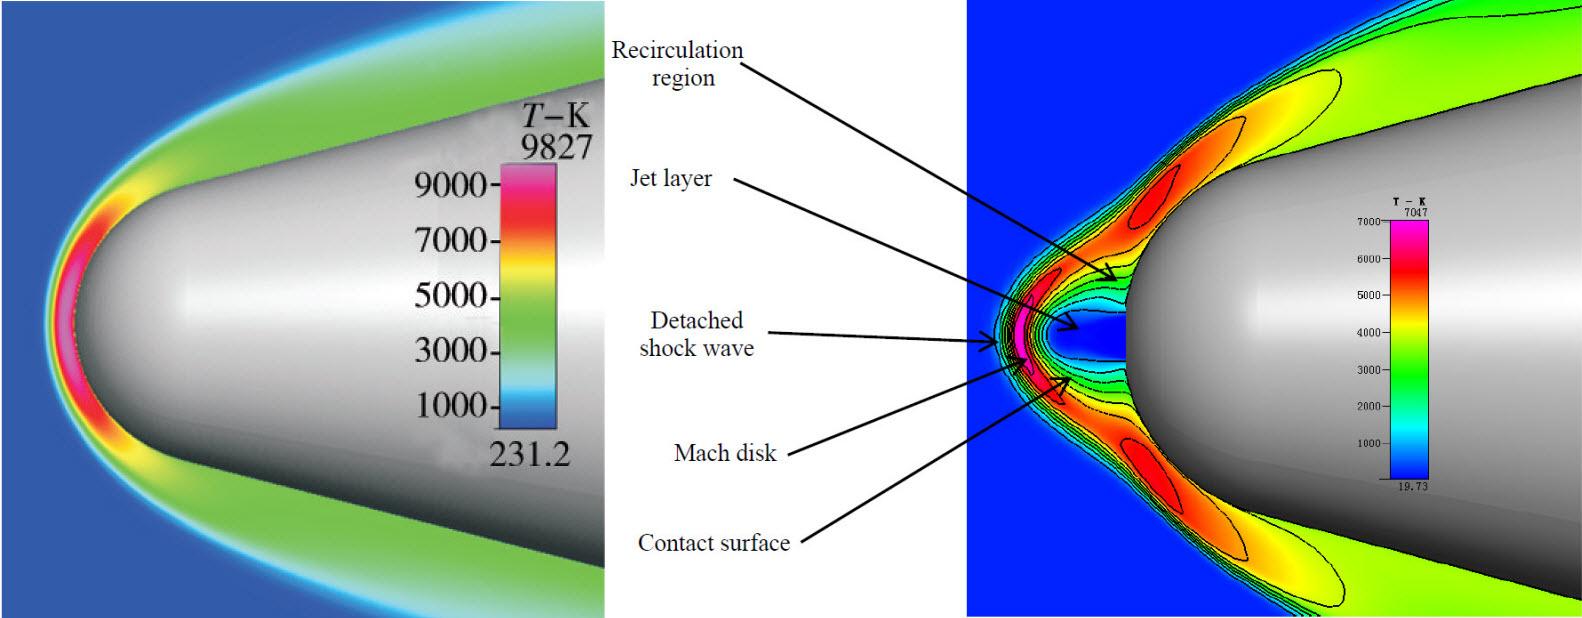 Article - 2016 08 12 - CAST Nouvelle méthode pour refroidir à Mach 20 - 03